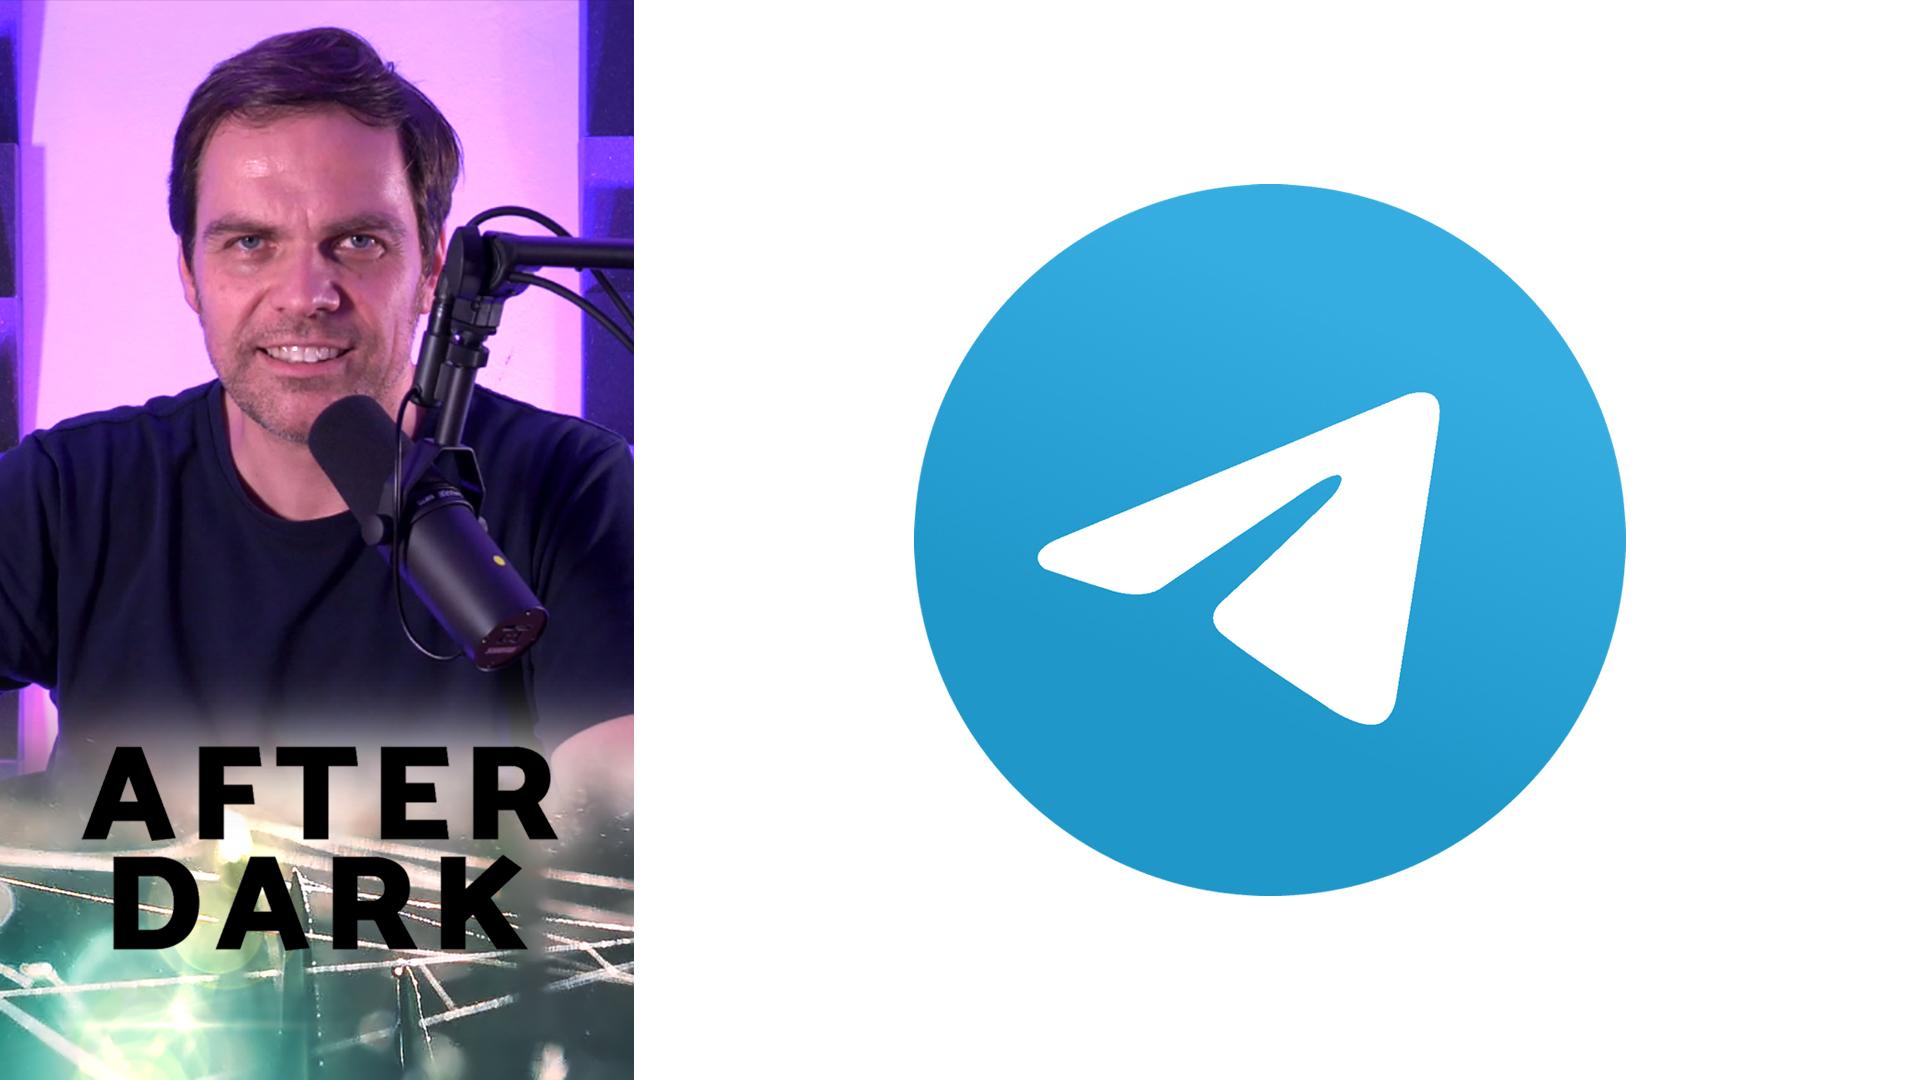 Telegram - After Dark